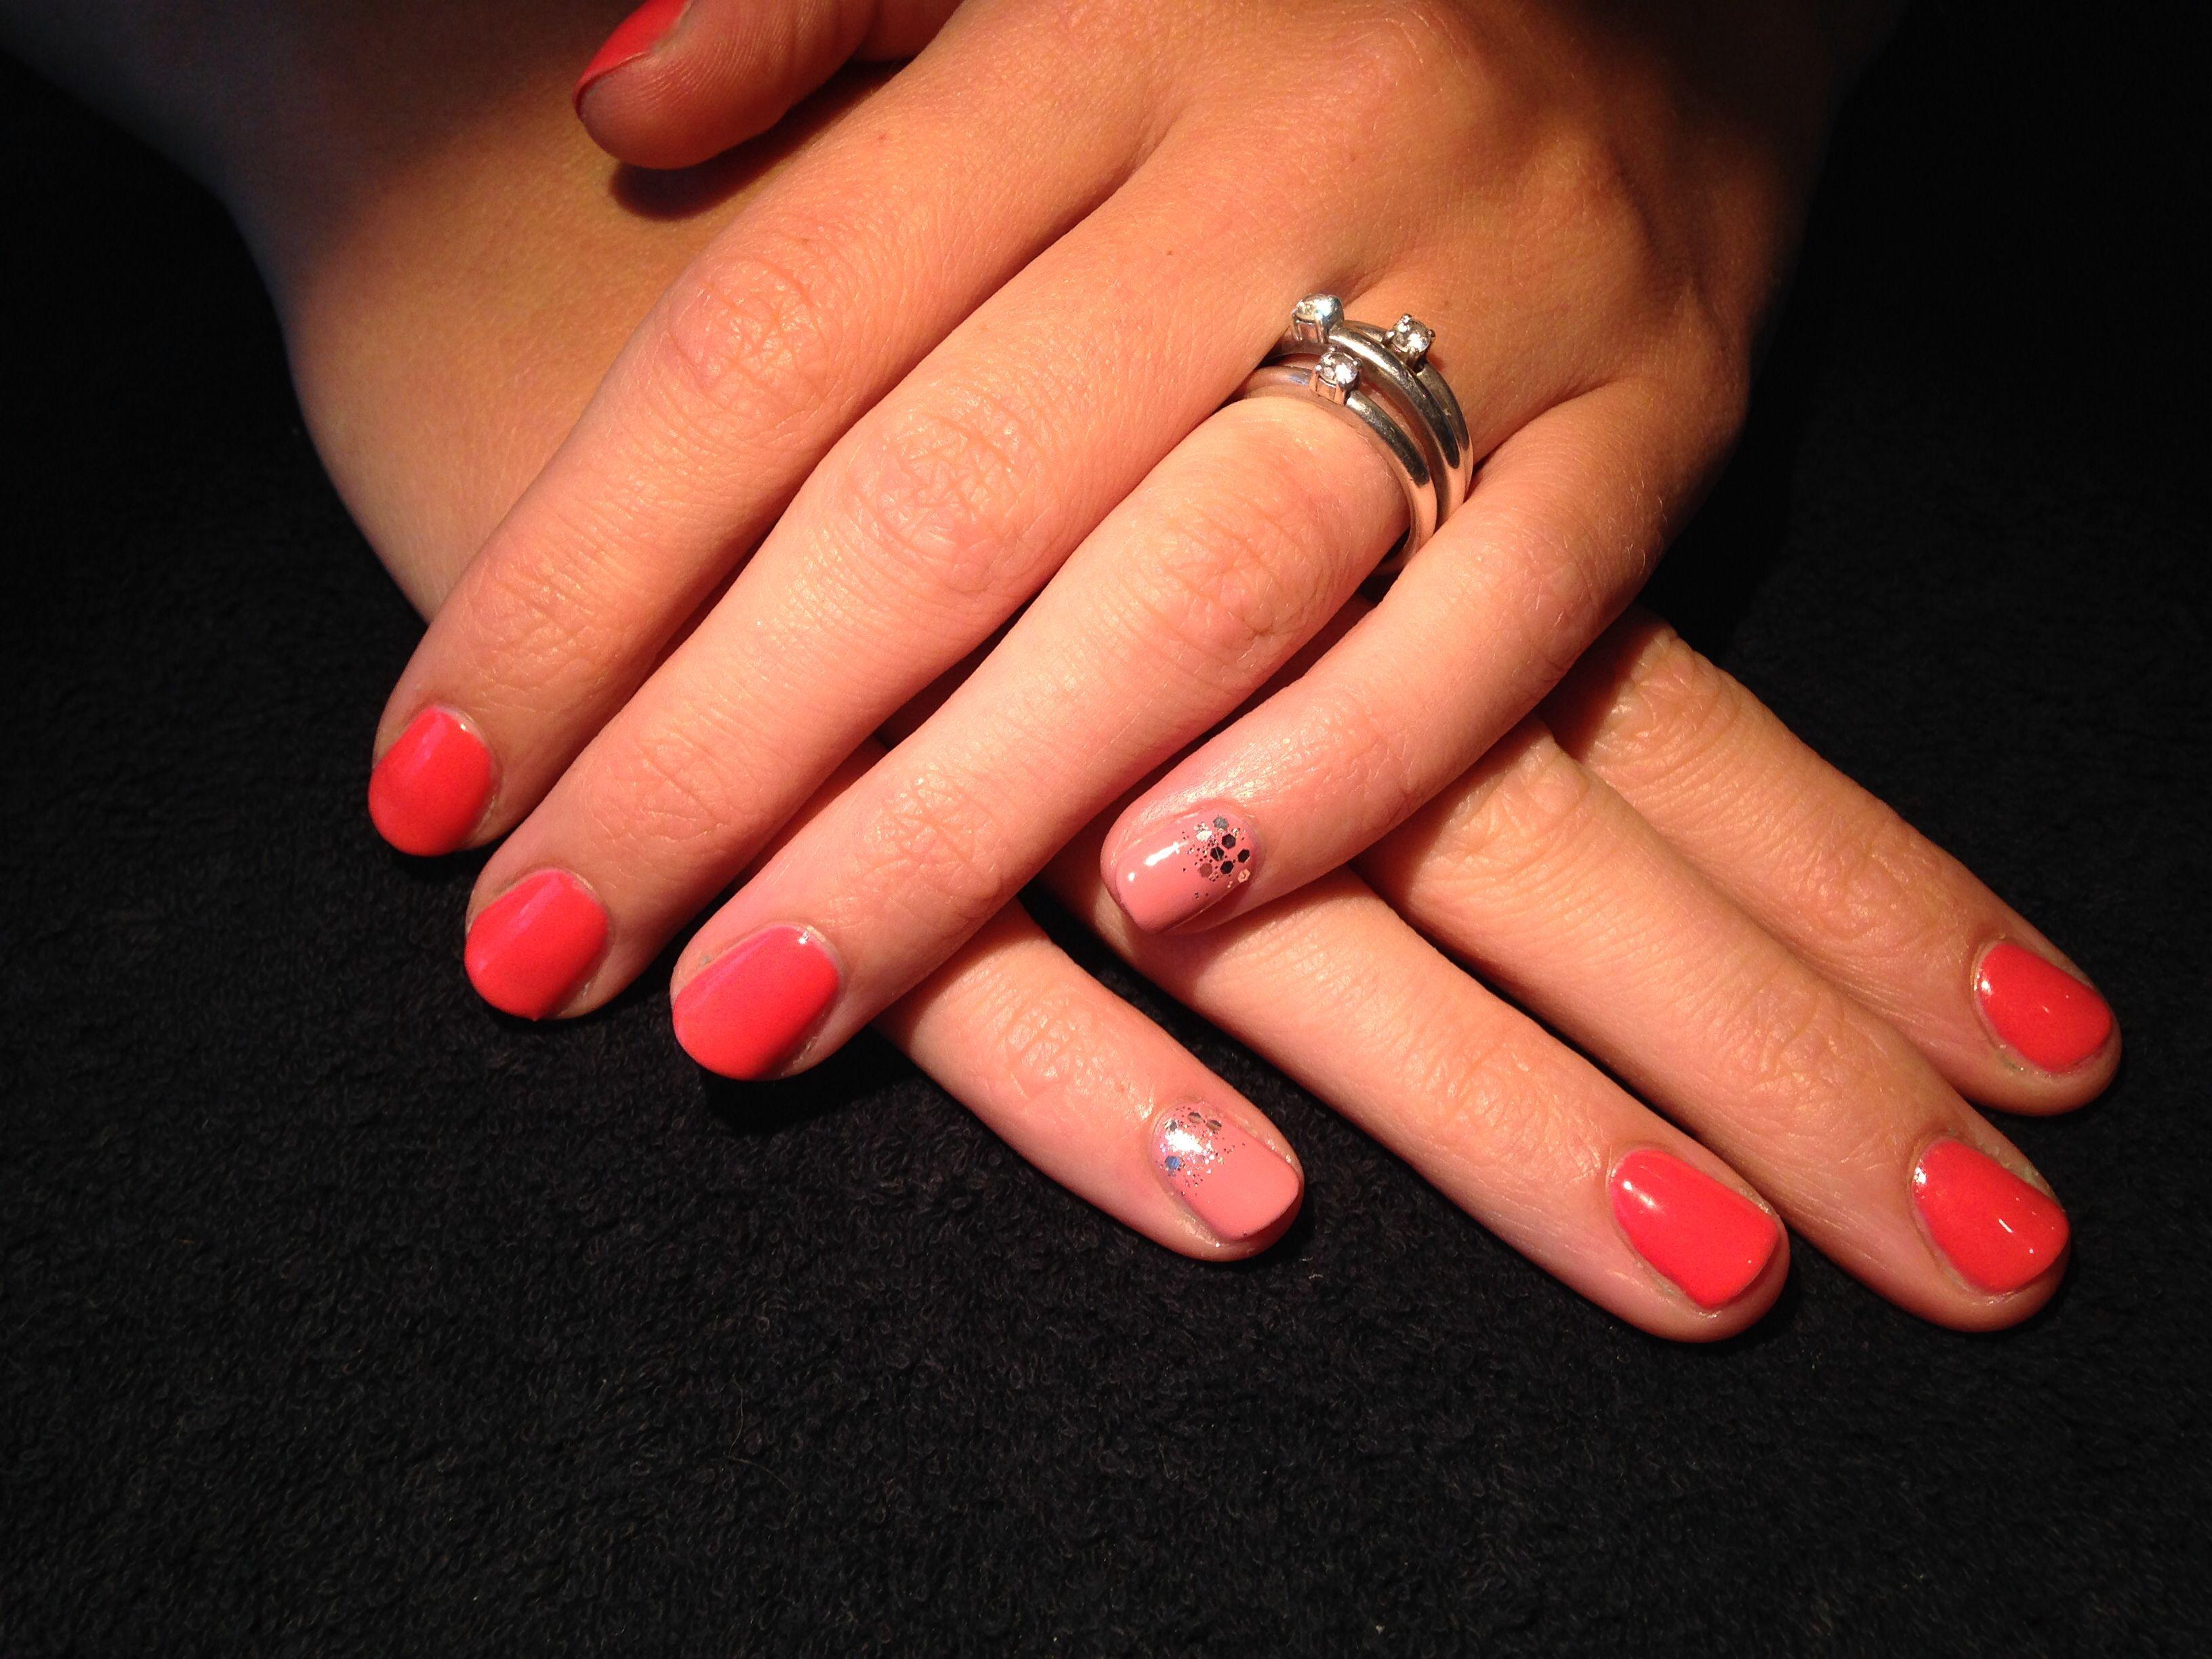 CND Shellac UV Gel Polish - Rose Bud 0.25oz 639370405117   eBay